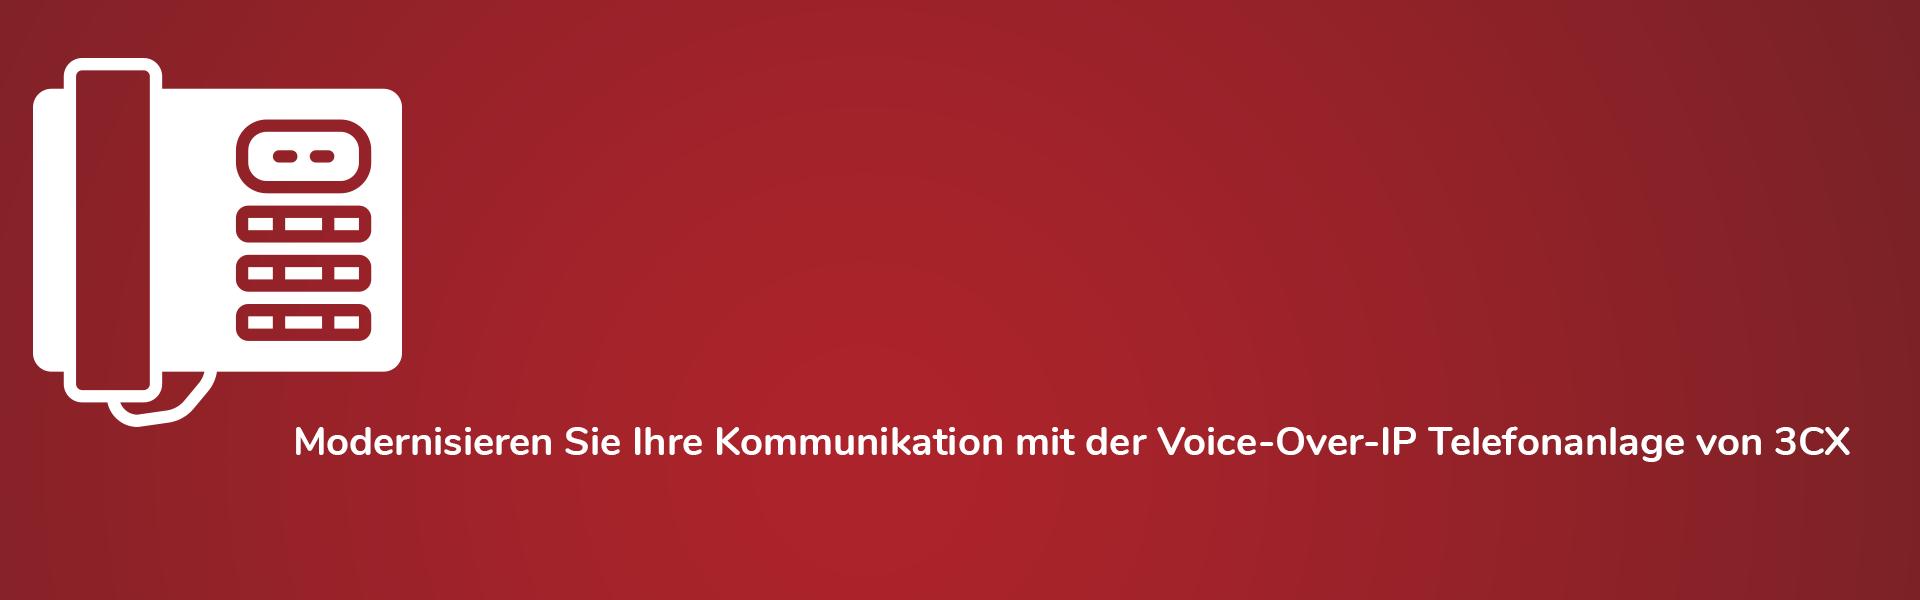 3CX Voice-Over-IP Telefonanlage